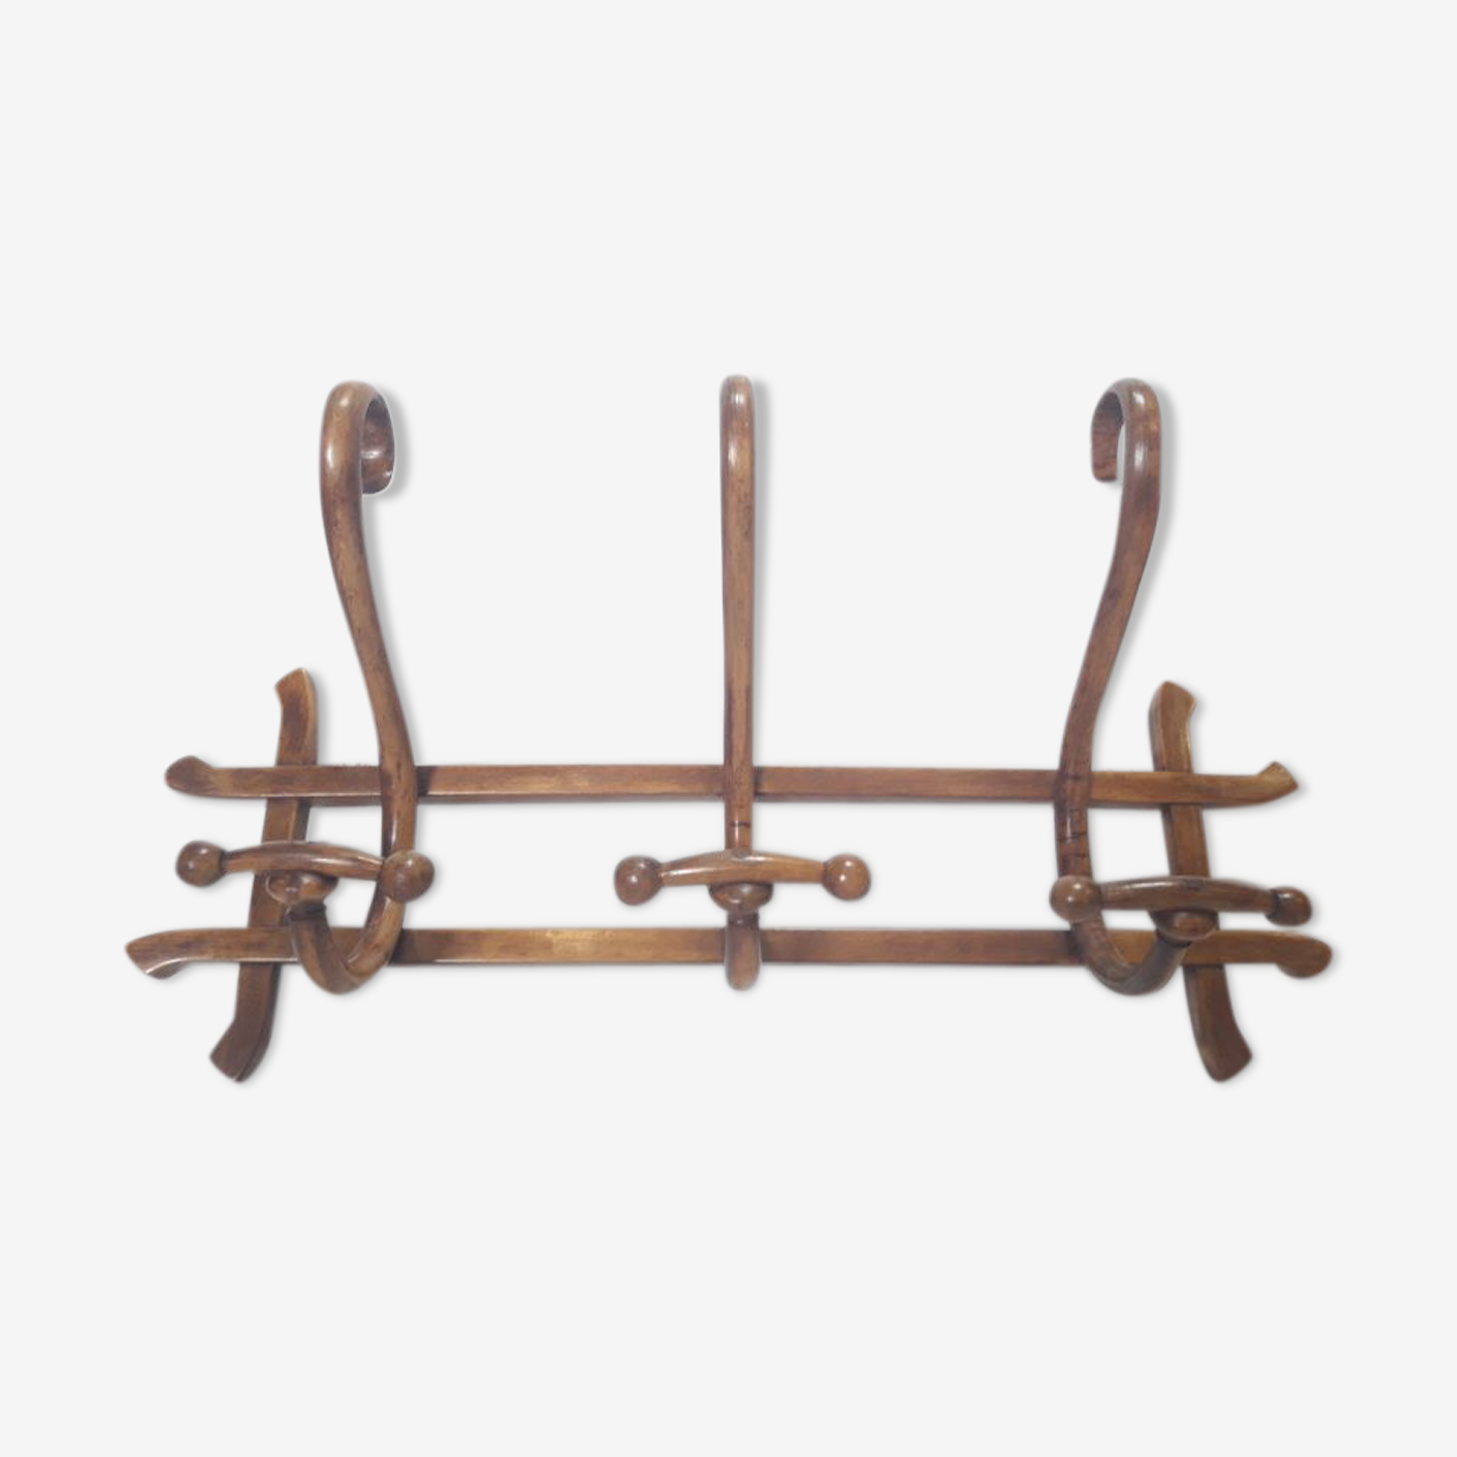 Thonet wall coat rack